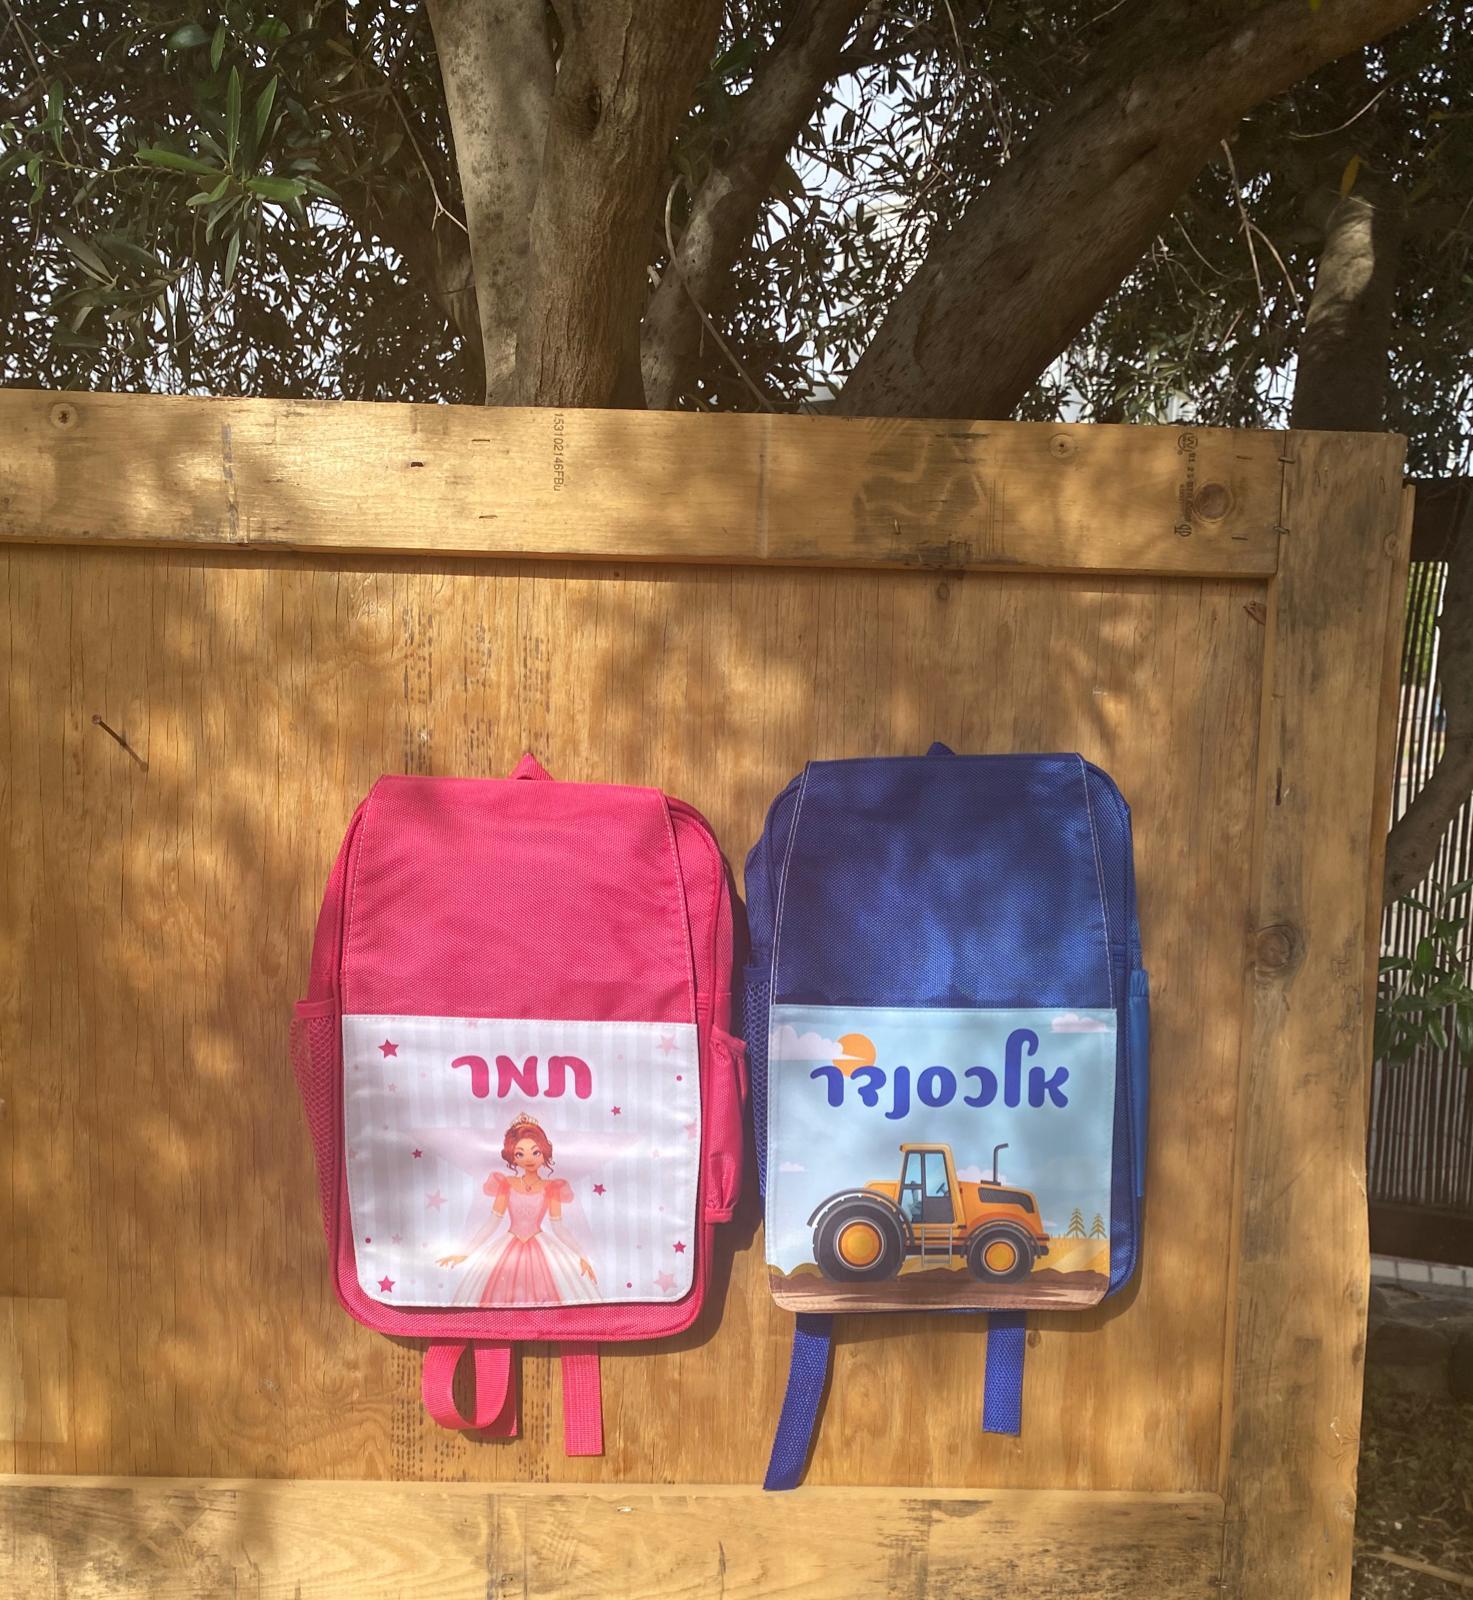 תיקי גן לילדים ורוד וכחול בהדפסה צבעונית עם שם